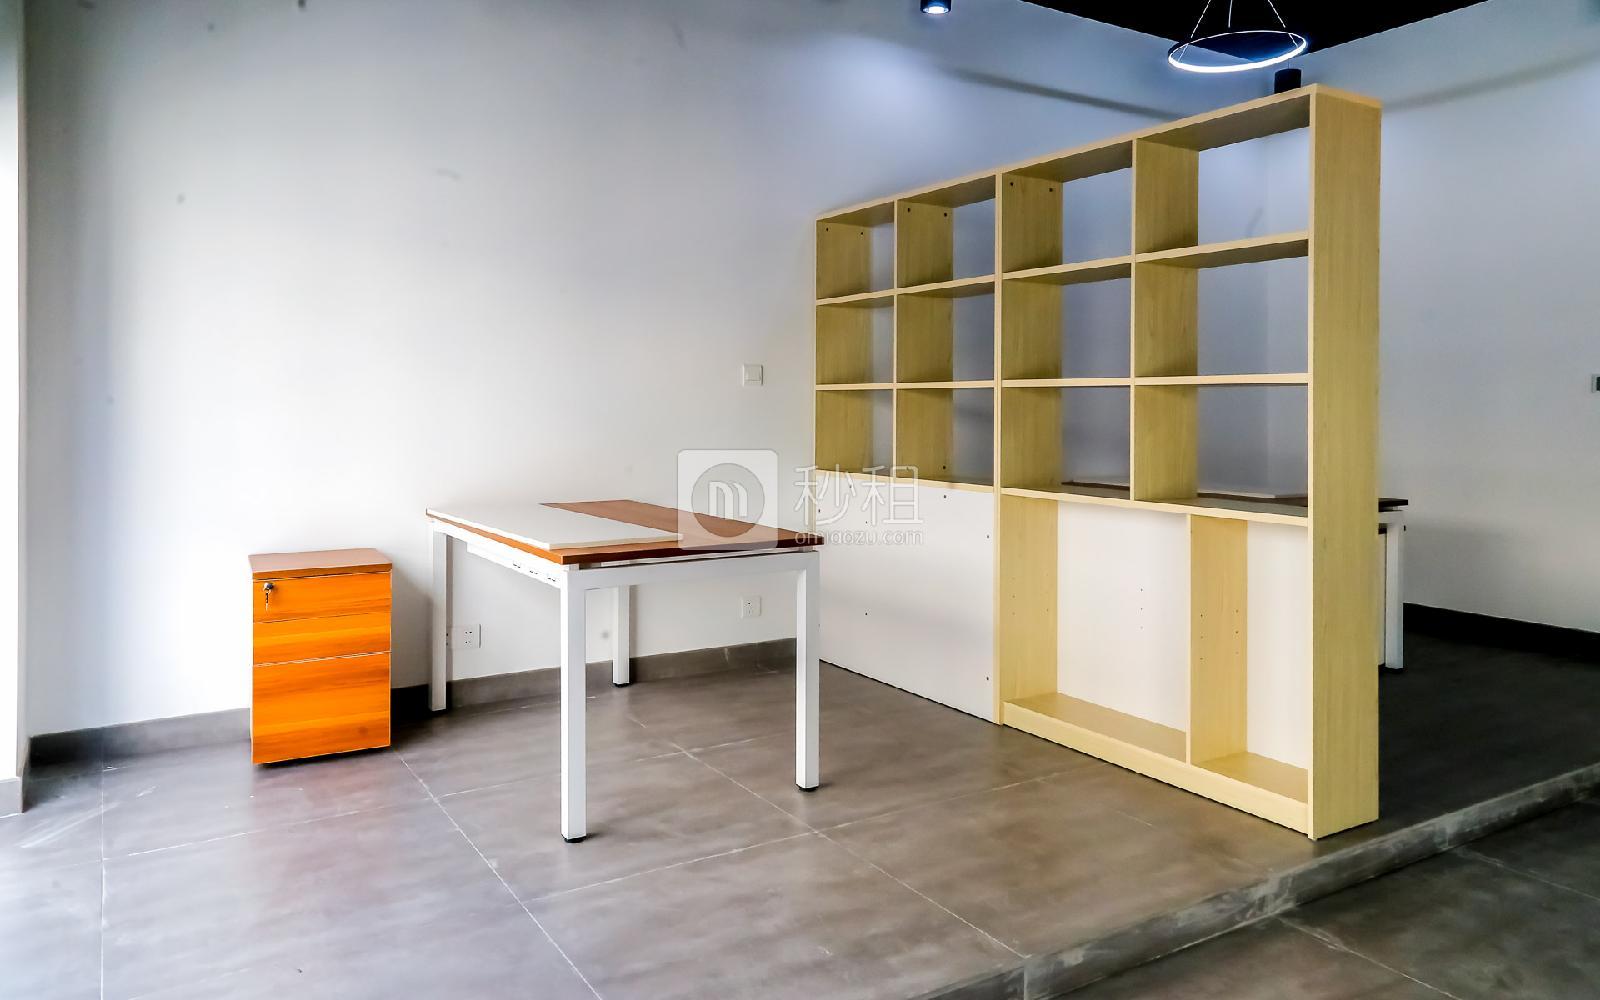 硅谷大院写字楼出租60平米精装办公室7580元/间.月